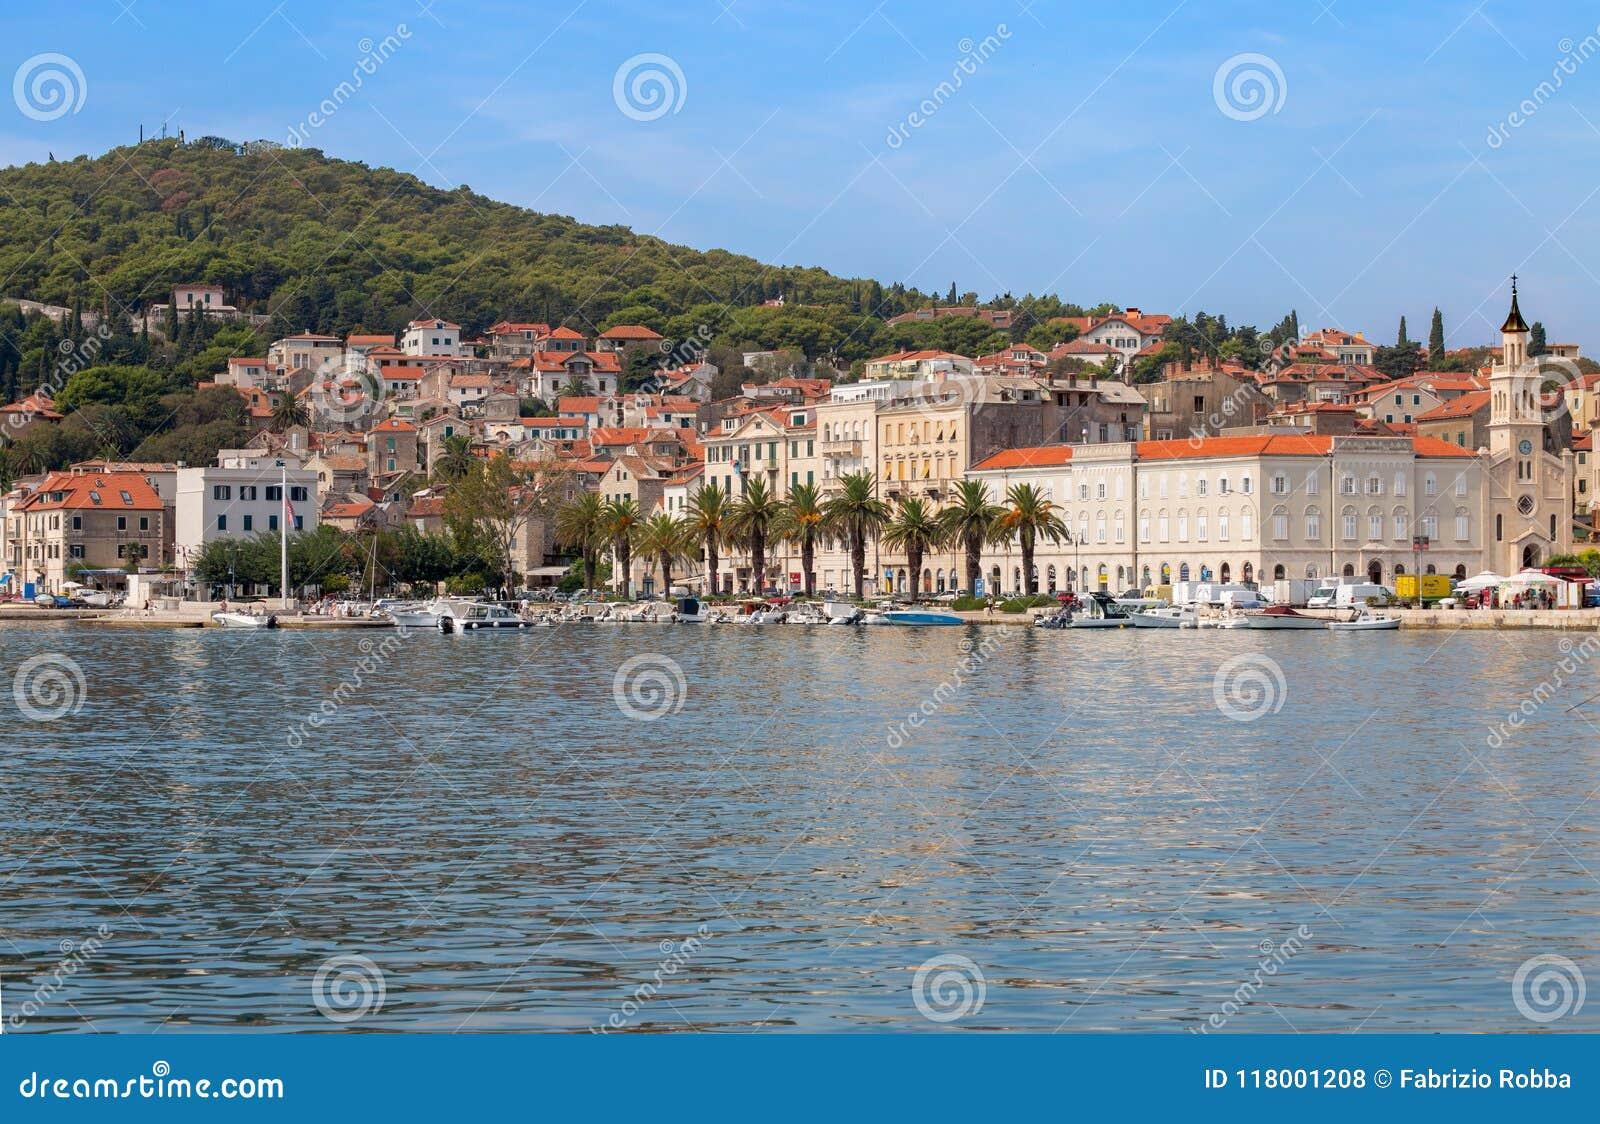 Vue du bord de mer de la fente, Mer Adriatique, en Dalmatie, la Croatie